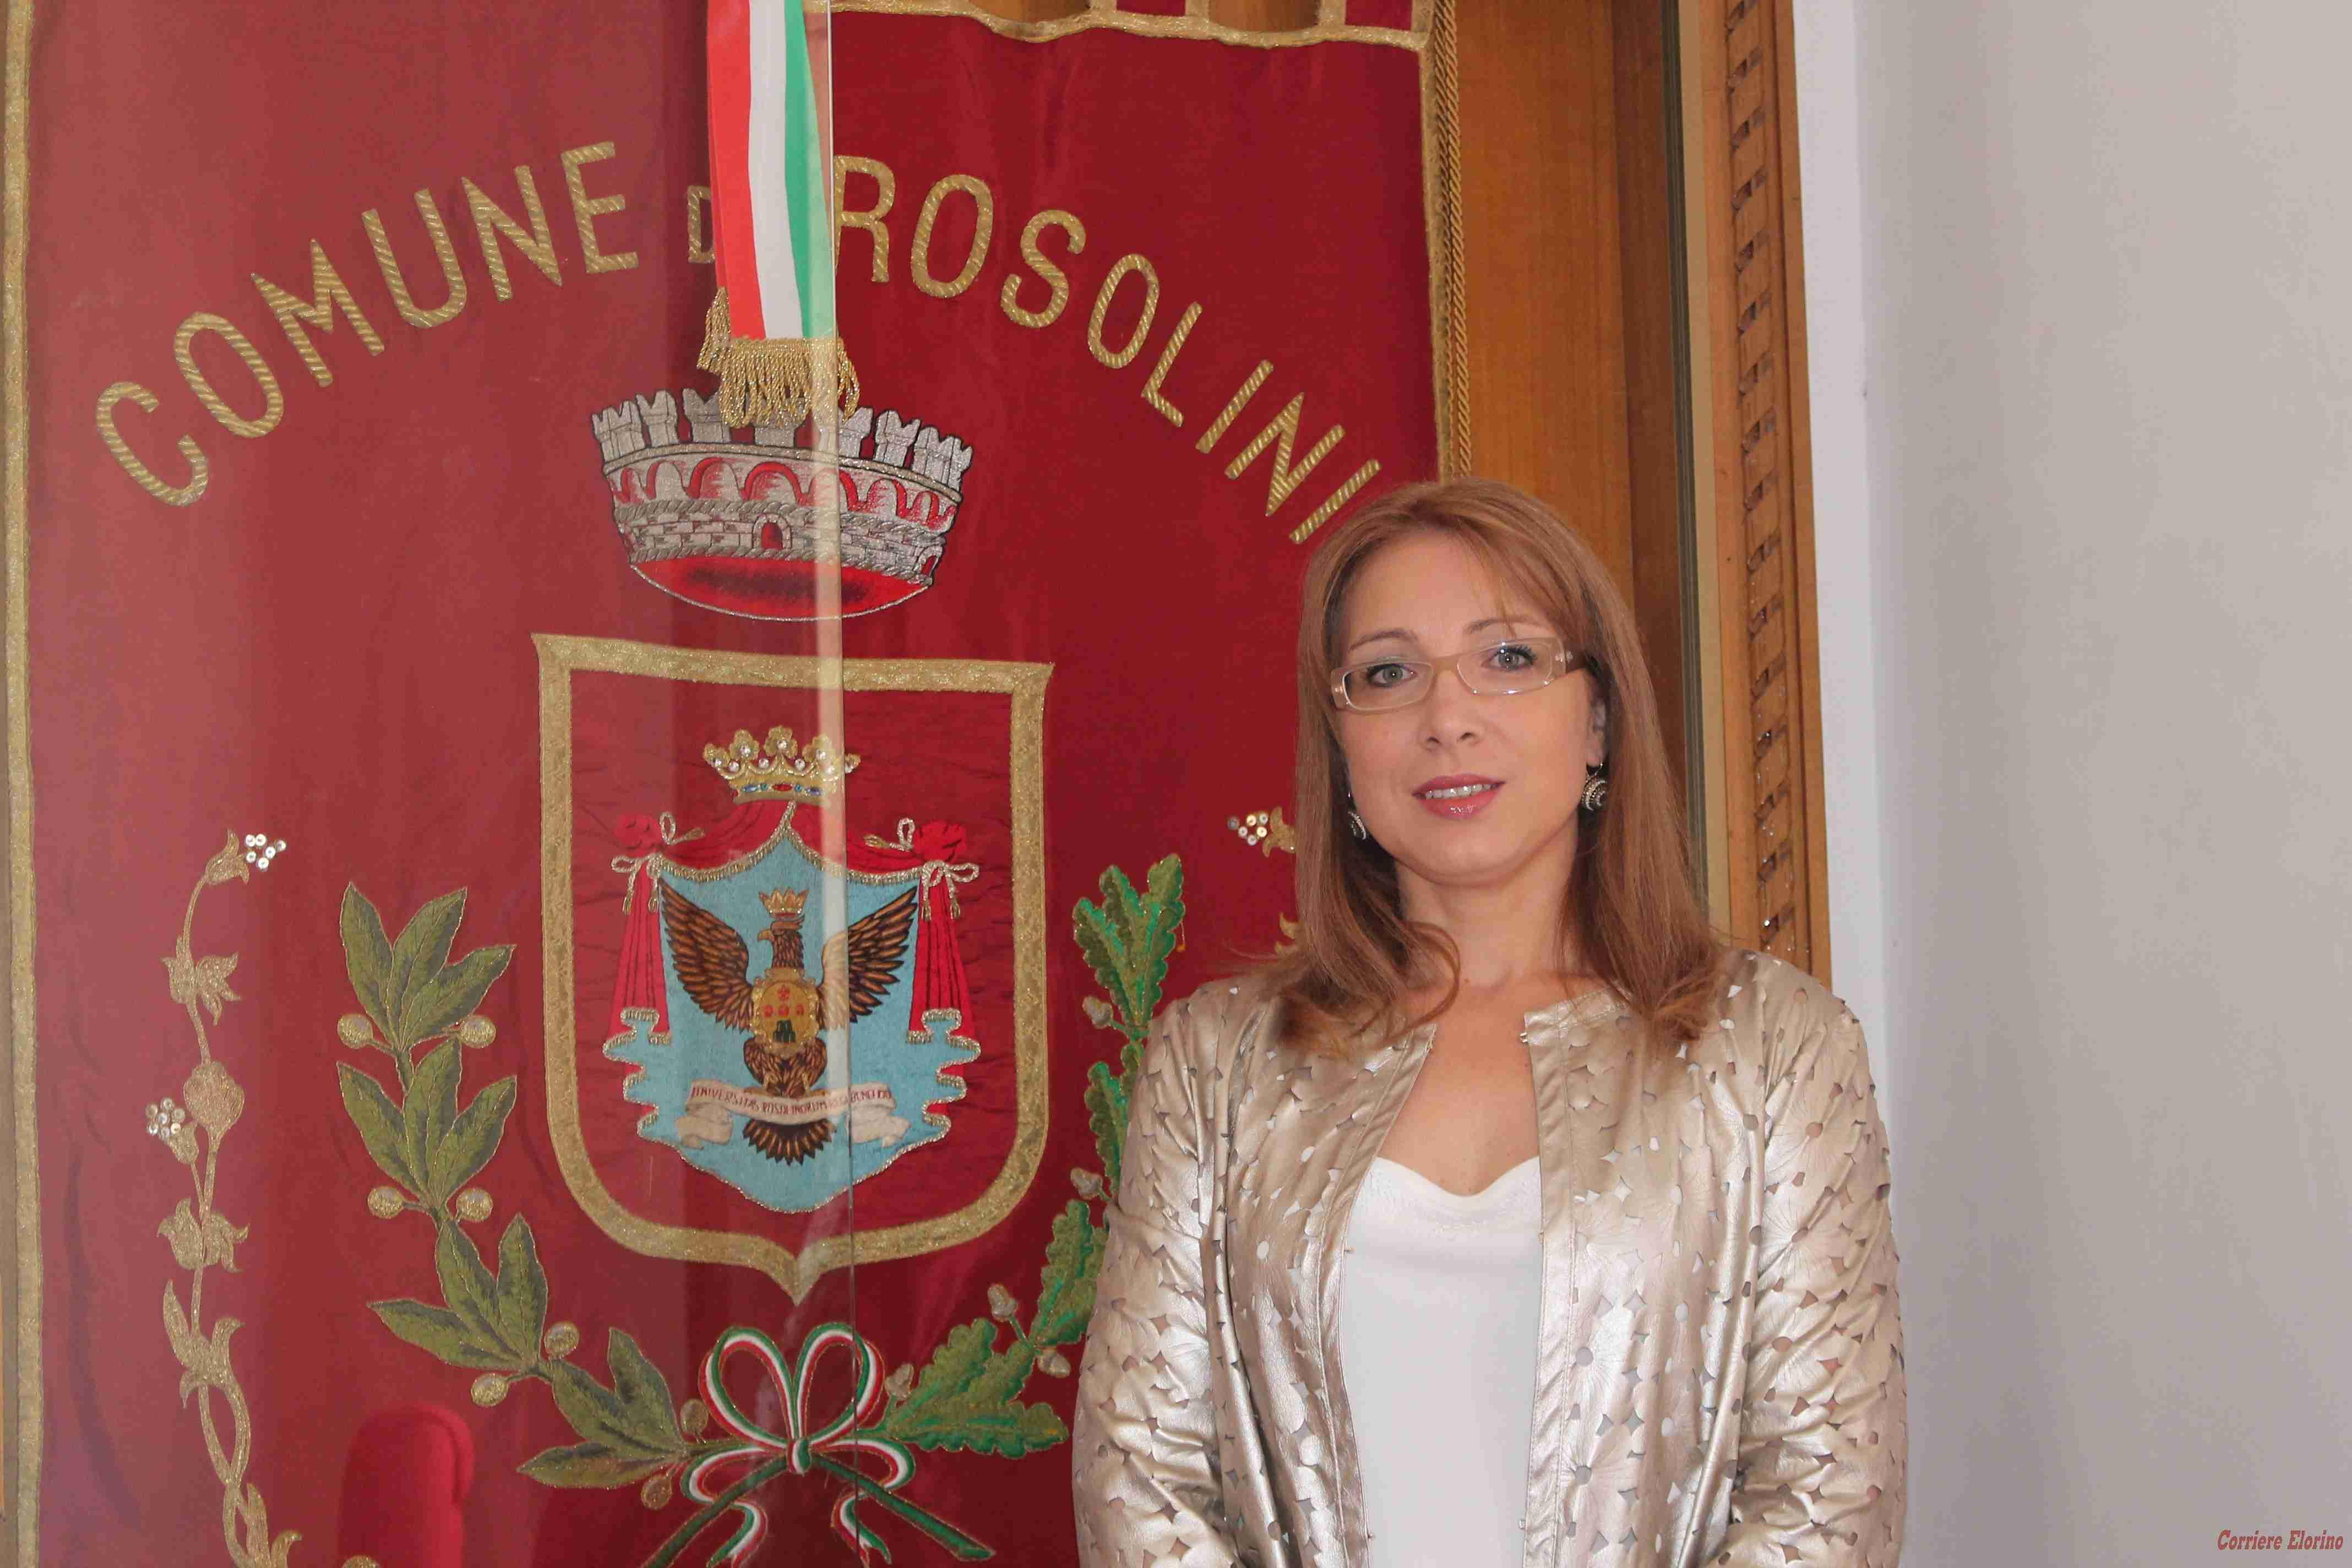 Il sindaco Calvo pensa al ritiro della candidatura, passo indietro a favore di Cinzia Giallongo